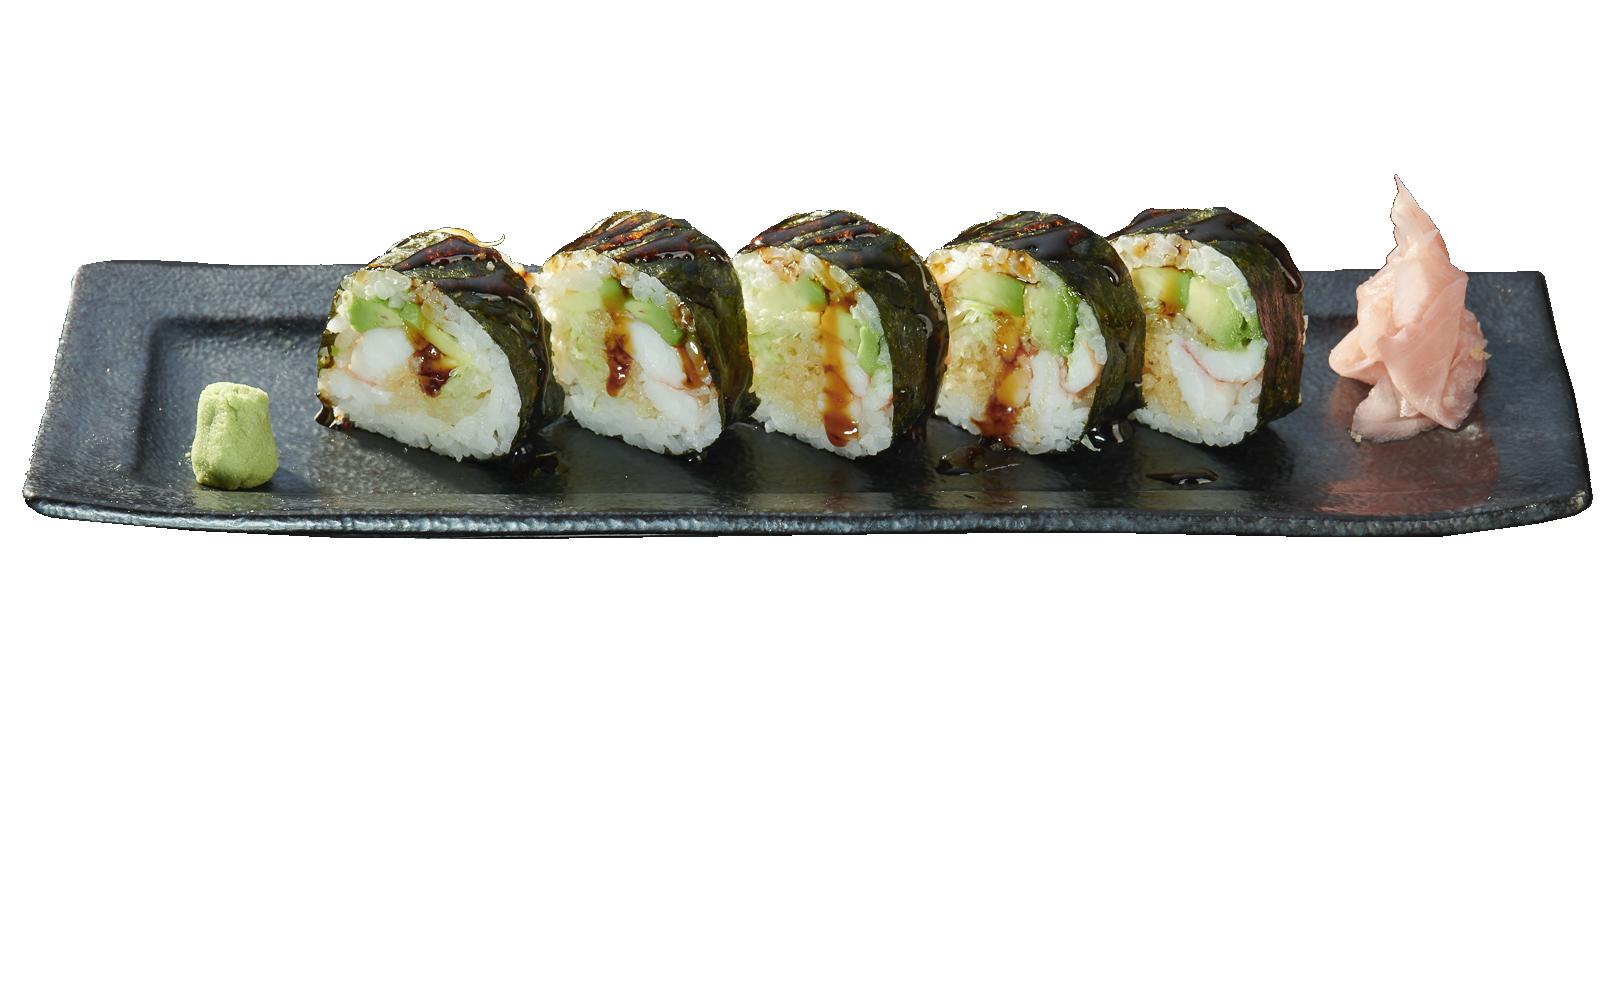 Shrimp and Avocado Tanuki